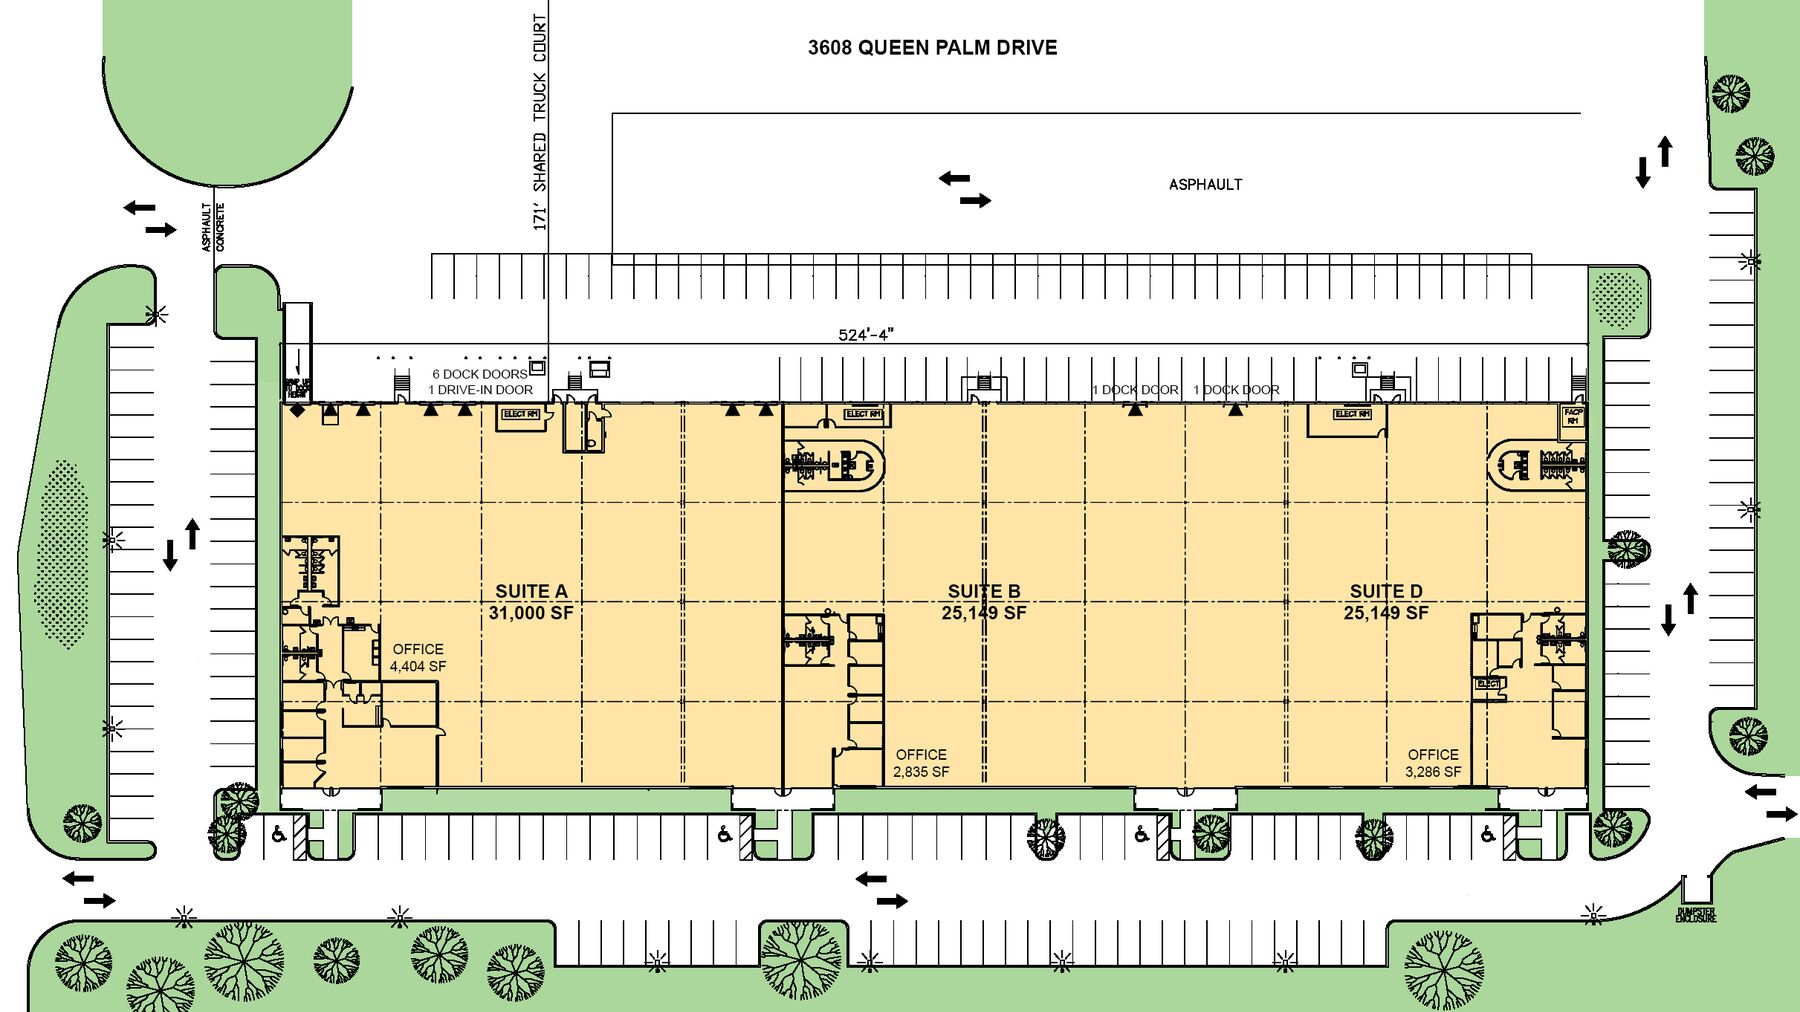 DPM-Prologis-Tampa_3608-Queen-Palm-Dr-A-D_Flyer-Plan.jpg